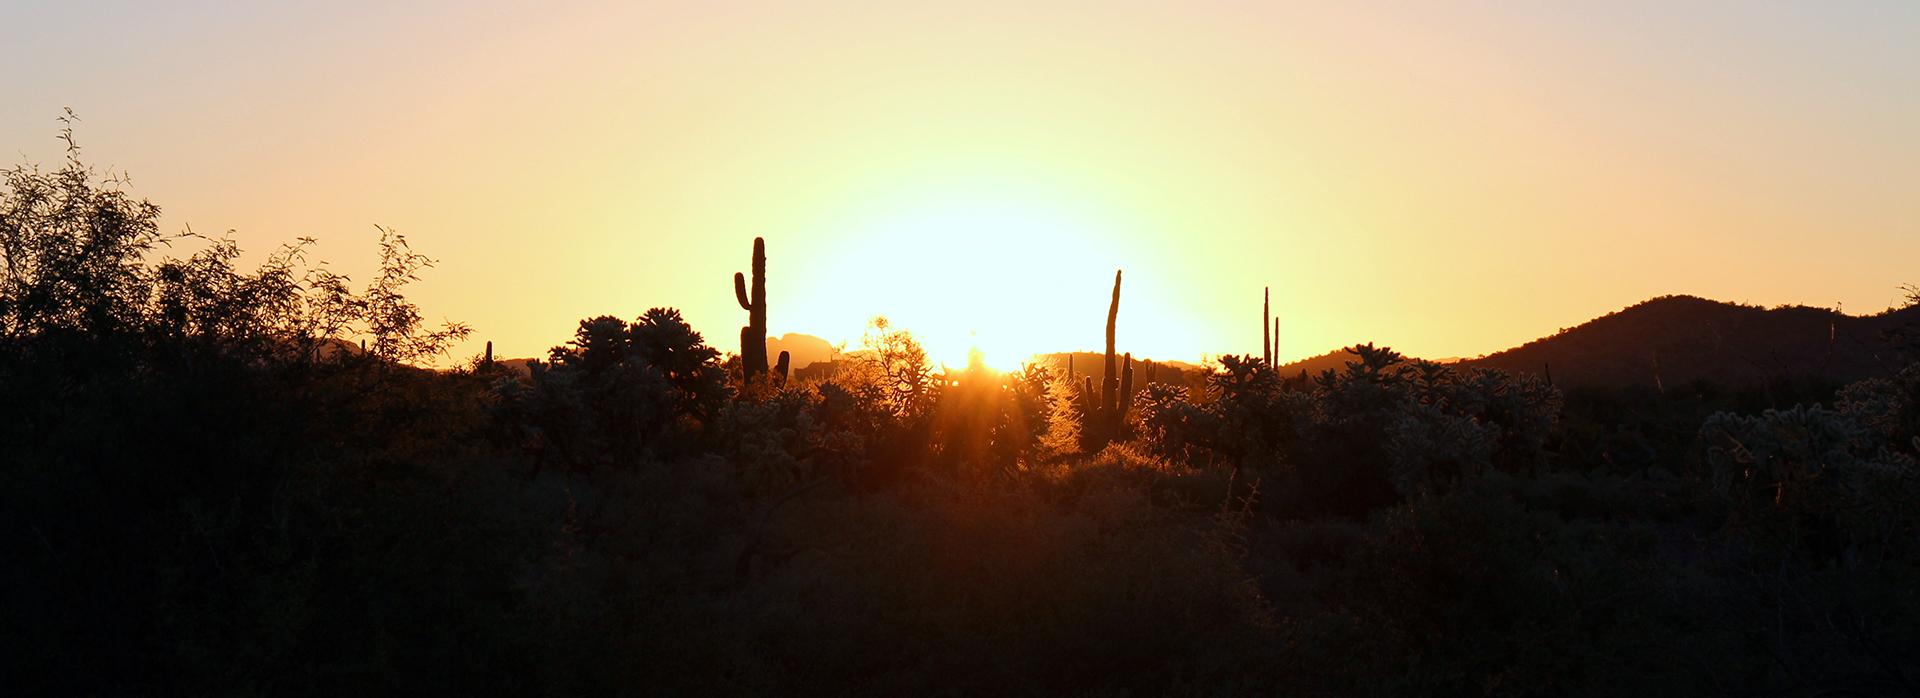 Gold Canyon AZ